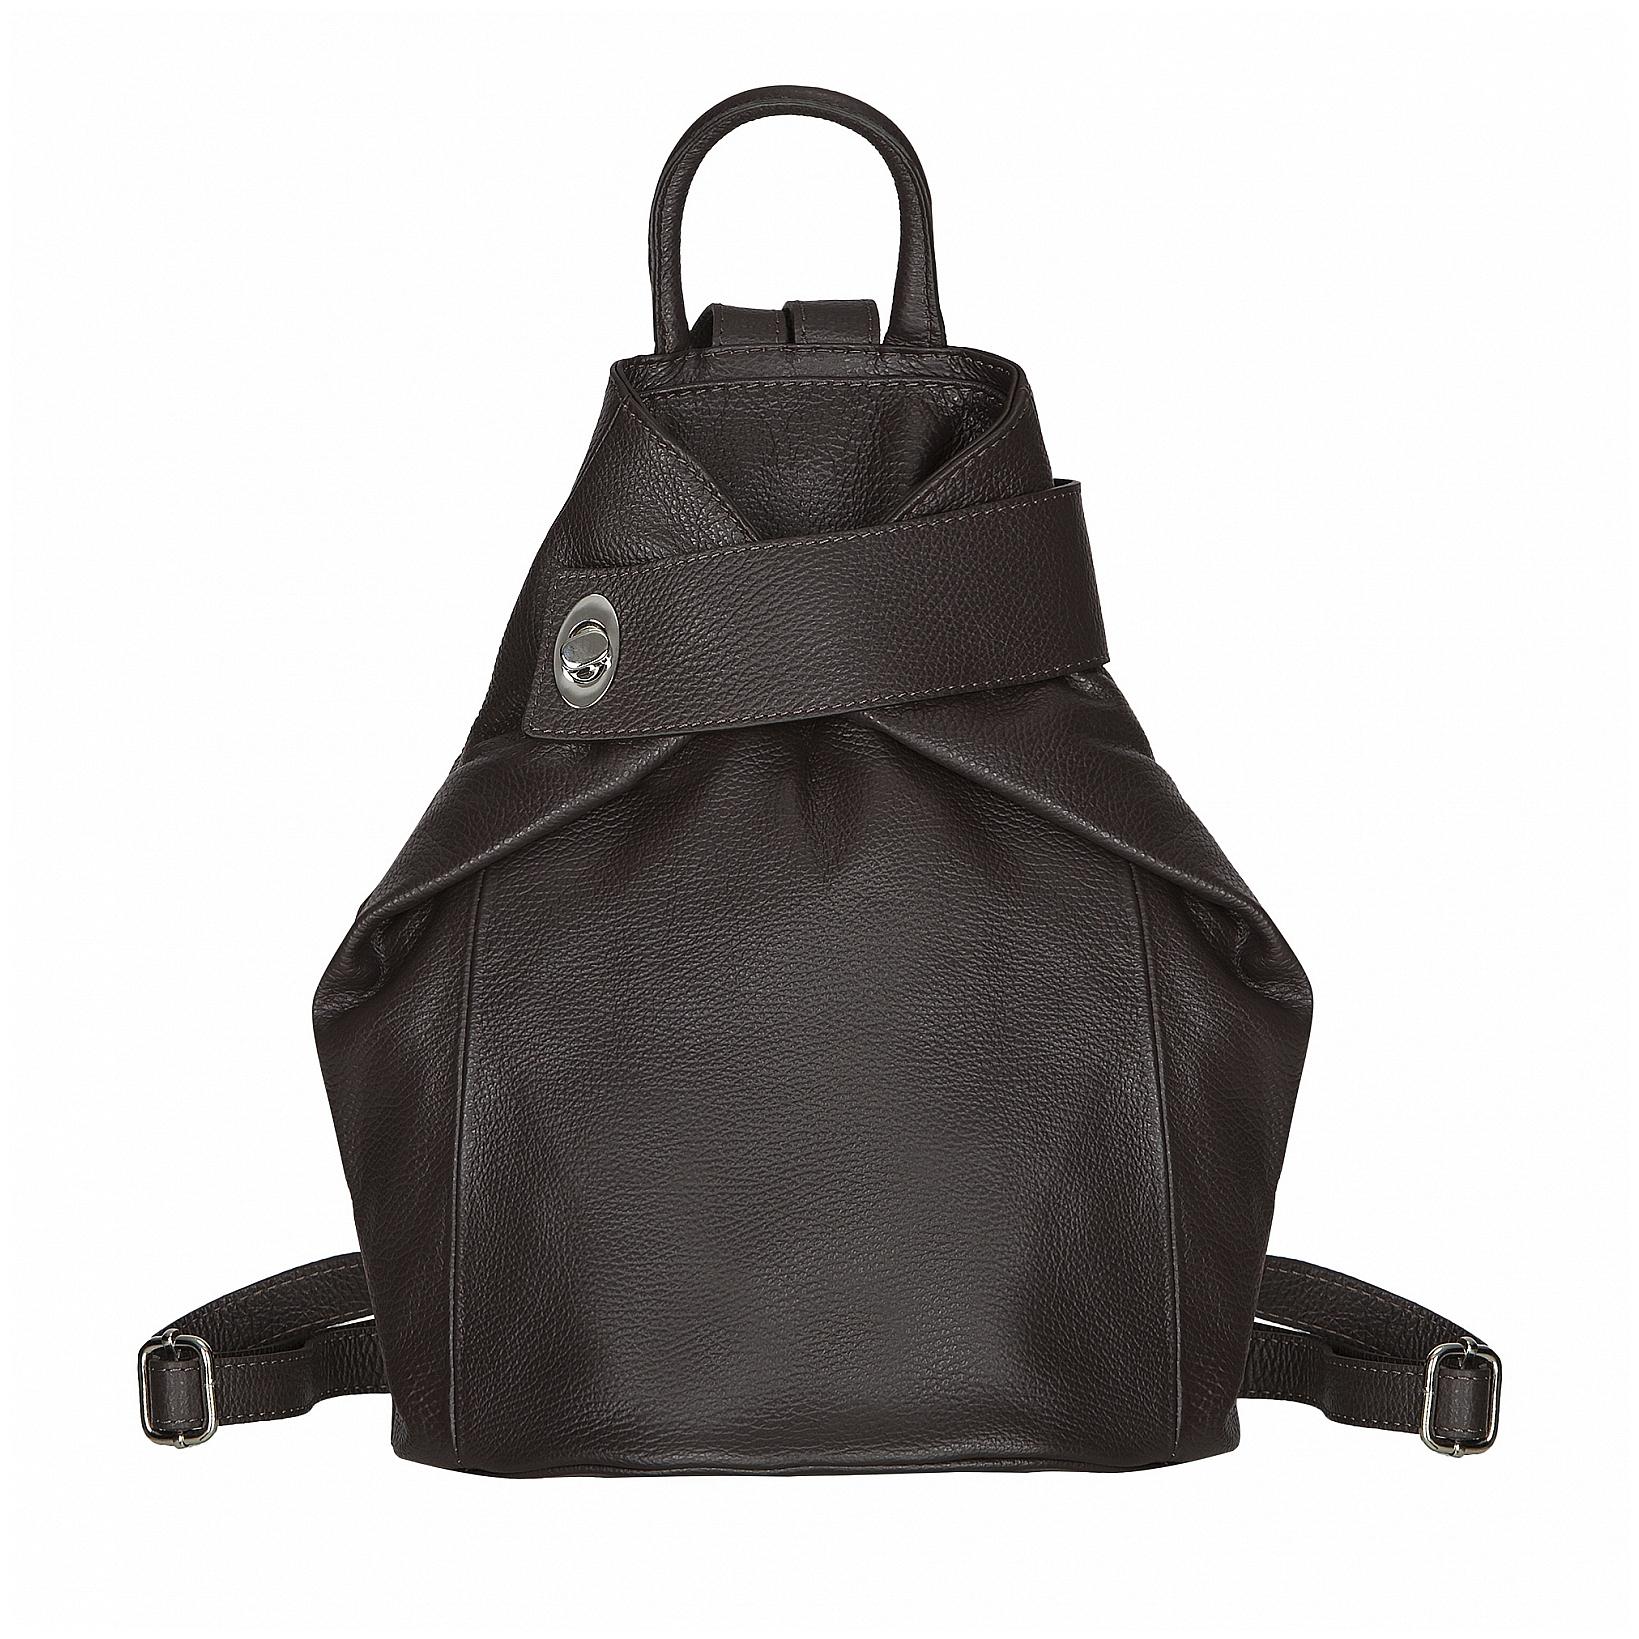 ESTELLE Dámský kožený batoh 0960 tmavě hnědá